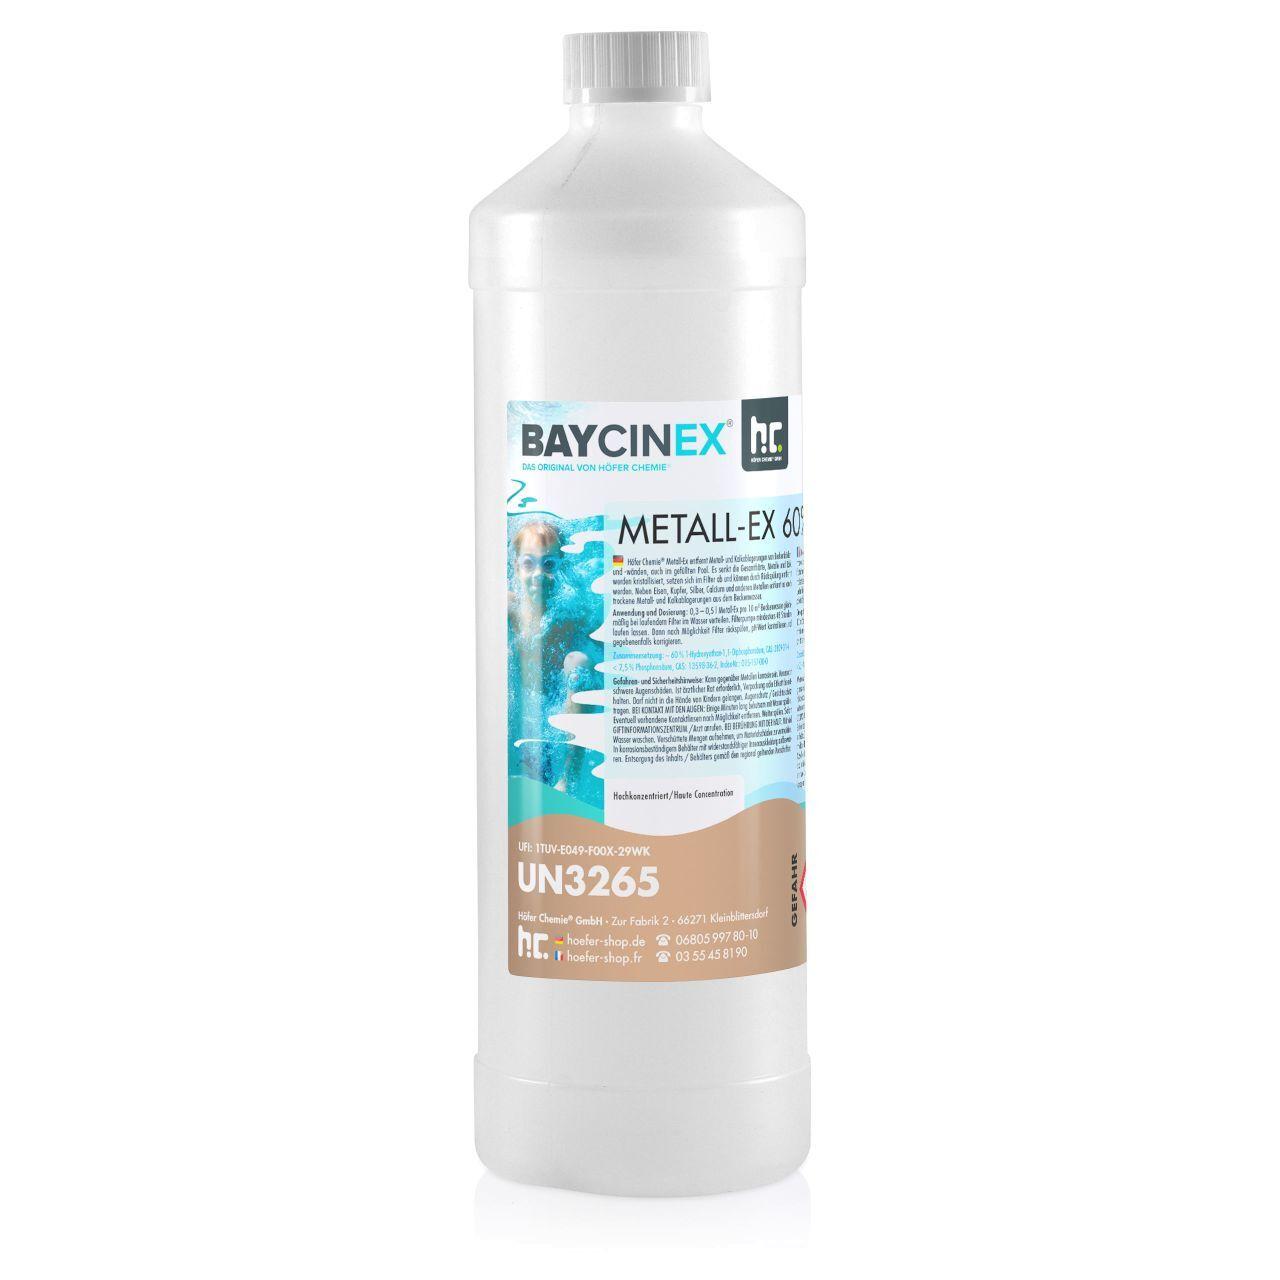 Höfer Chemie 6 l BAYCINEX® Séquestrant Métaux Anti-Métaux (6 x 1 l)